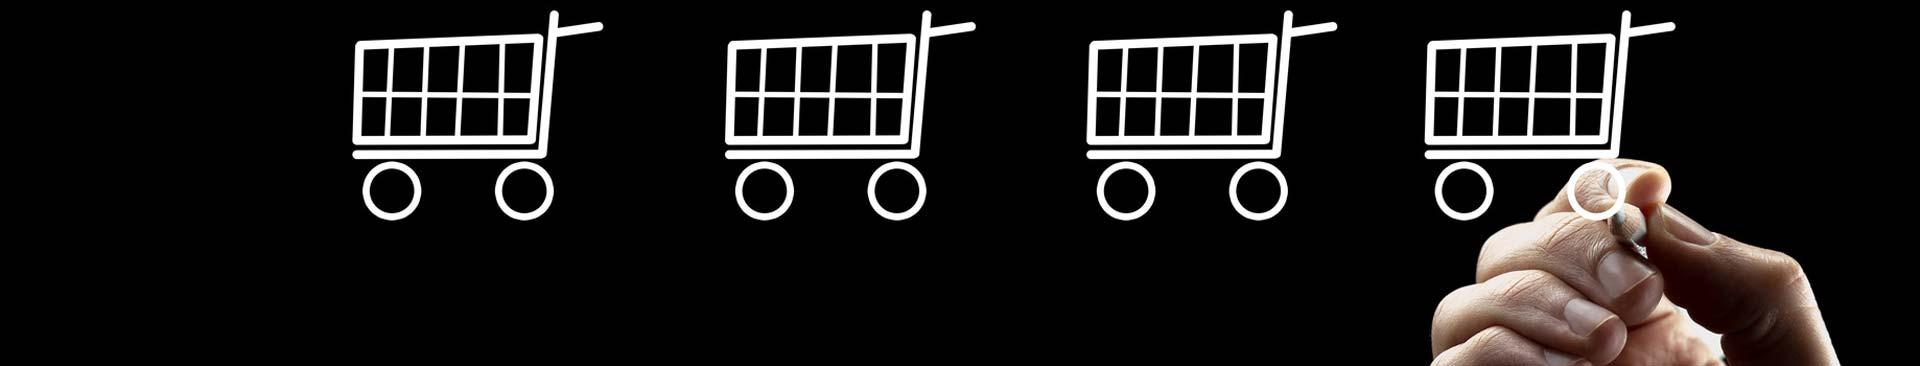 ¿Piensas abrir tu tienda online? Esto es lo que no debes hacer